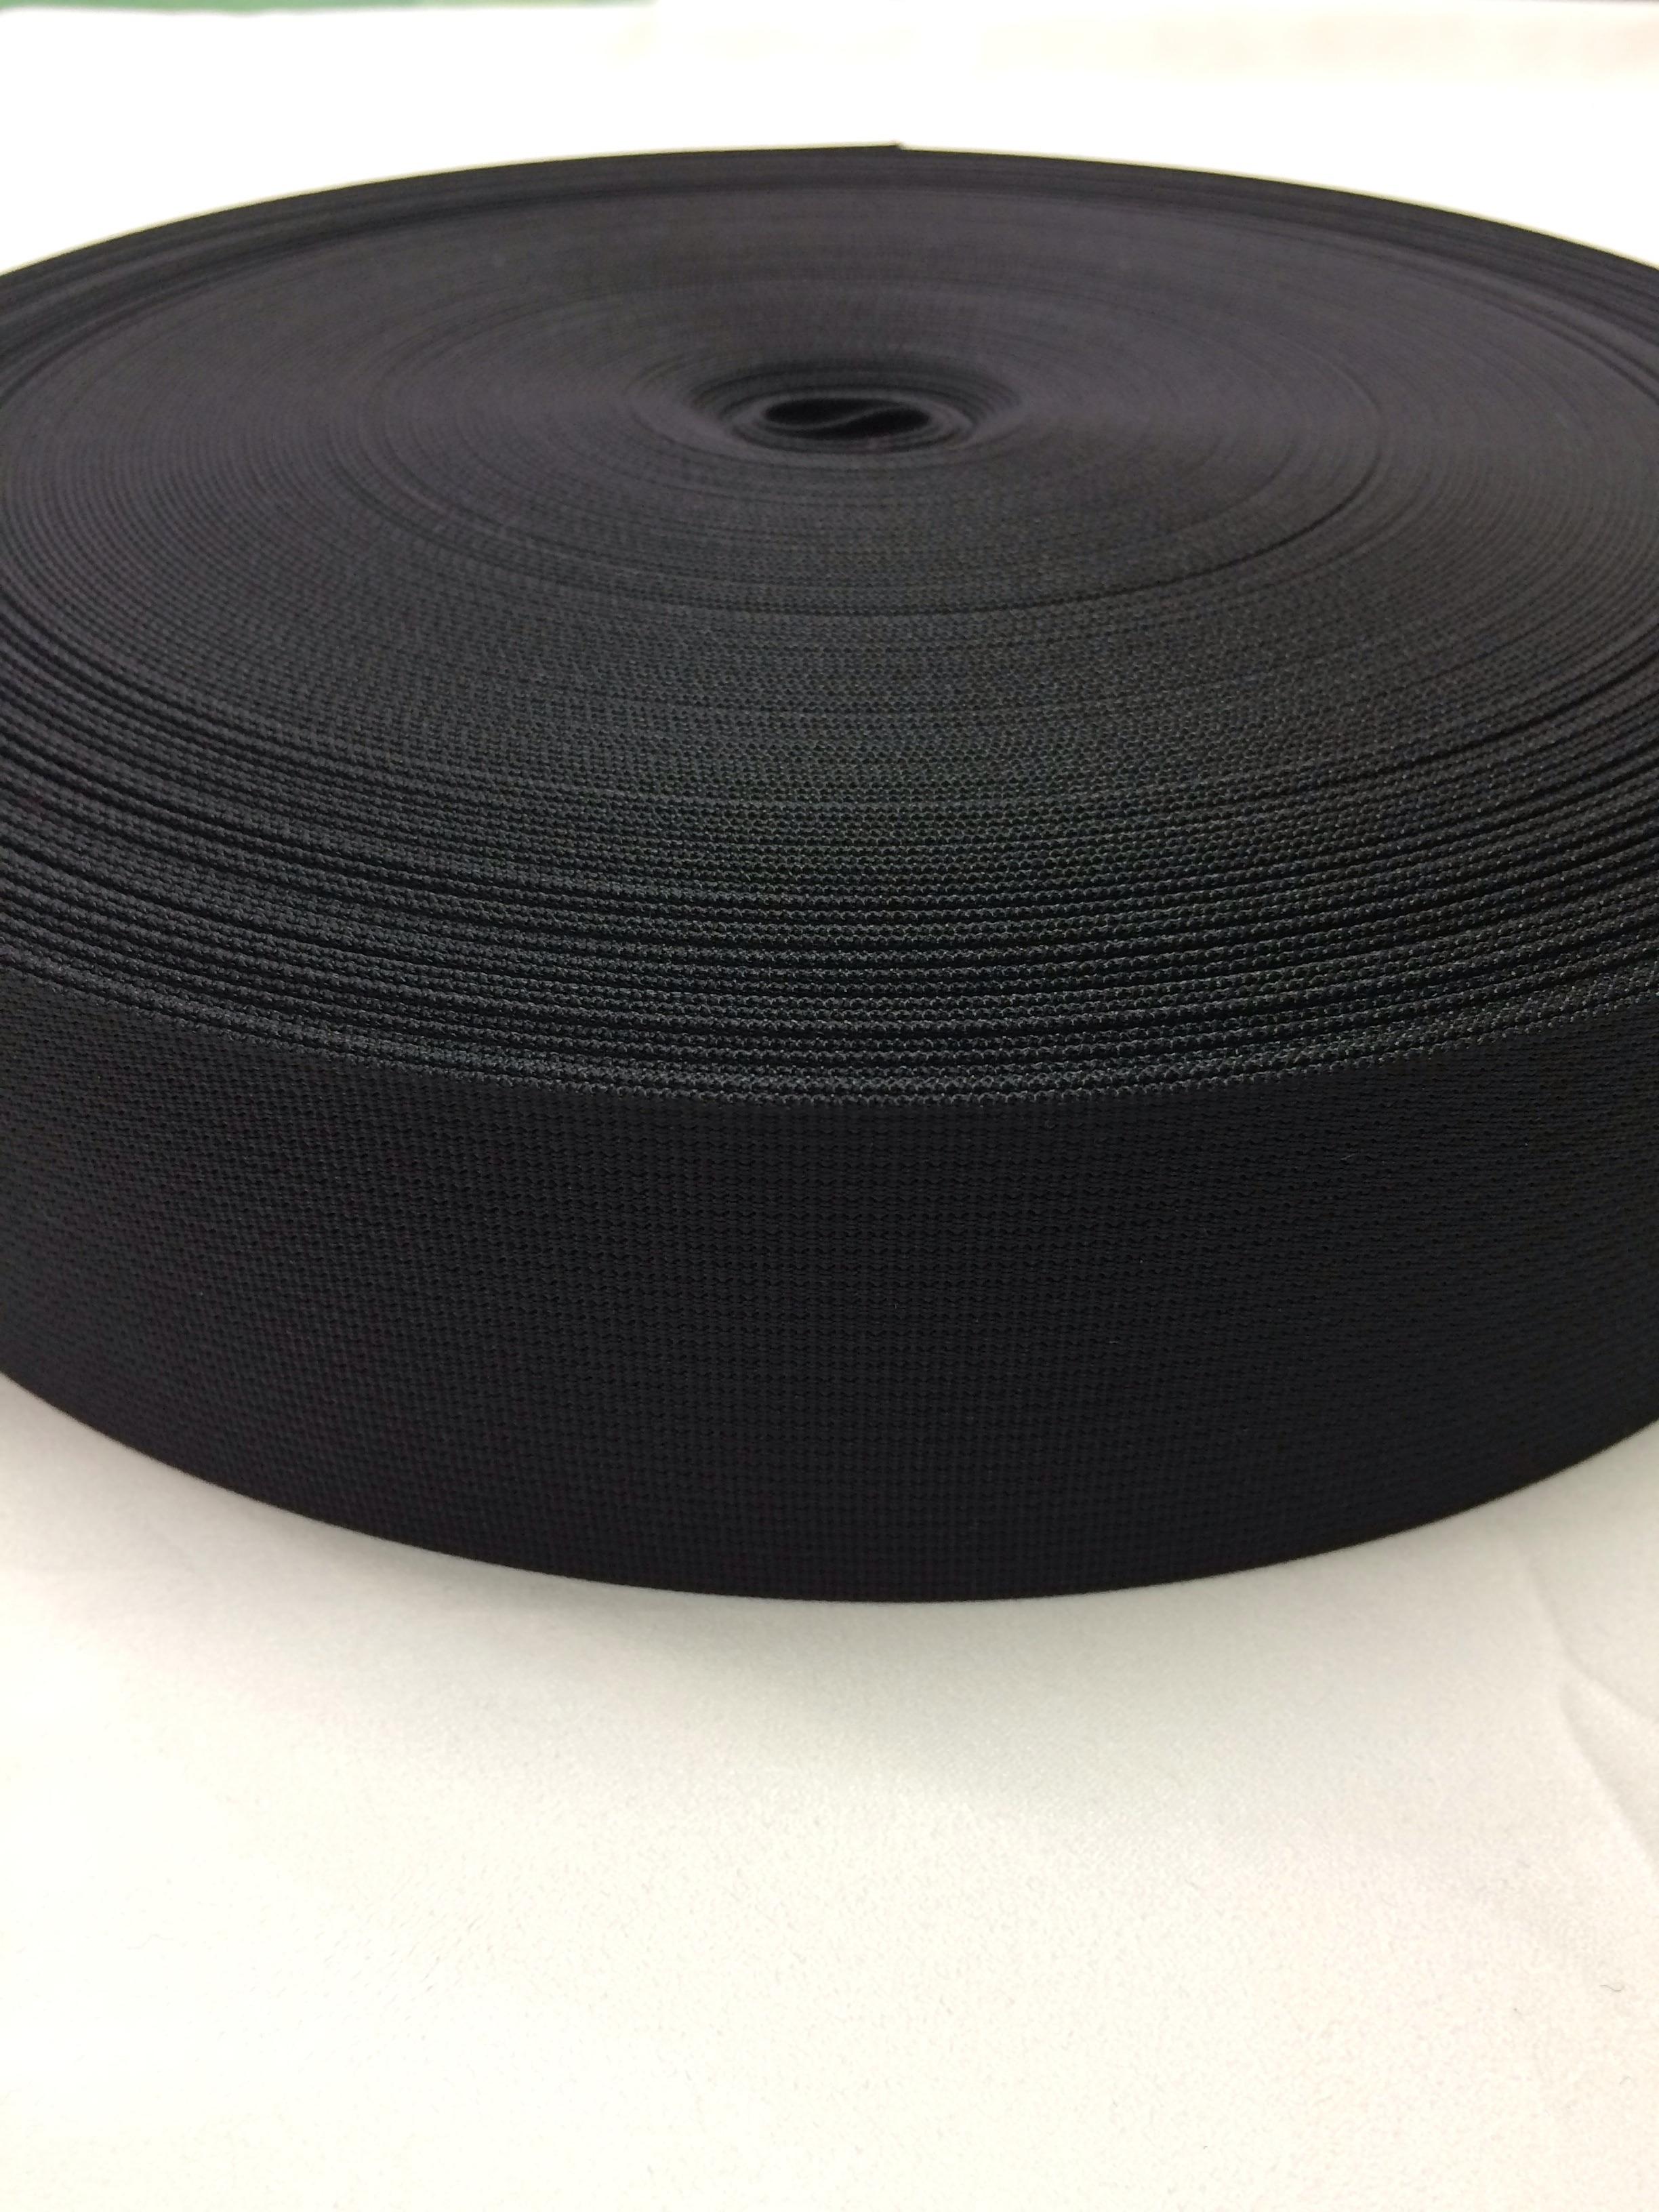 ナイロンテープ 高密度織 50mm幅 1mm厚  黒 5m